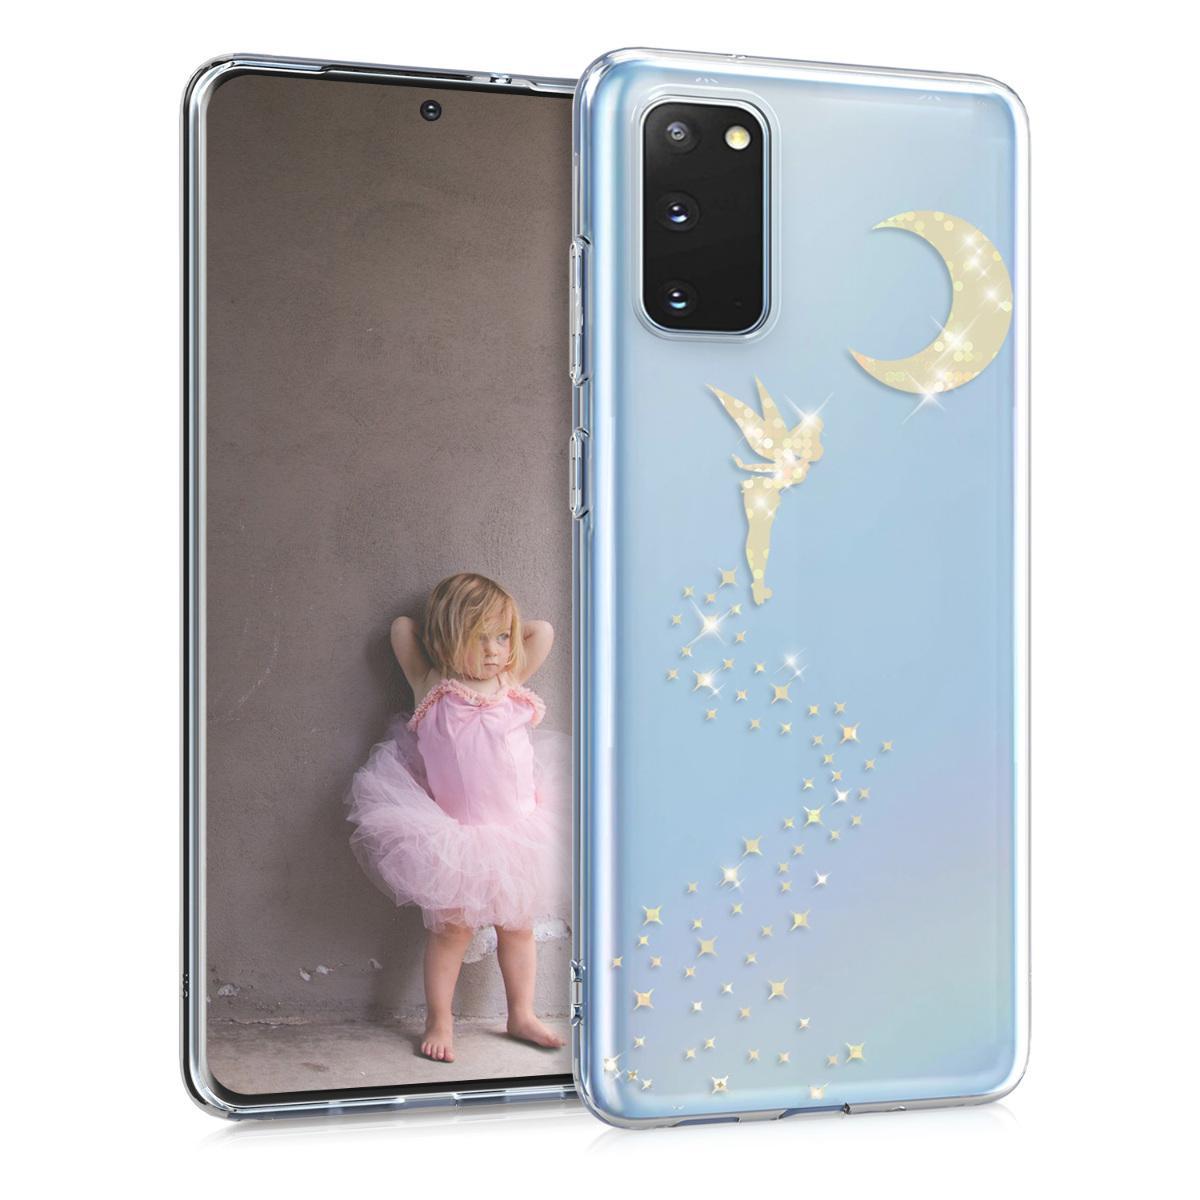 Silikonové pouzdro / obal pro Samsung S20 s motivem víly a měsíce